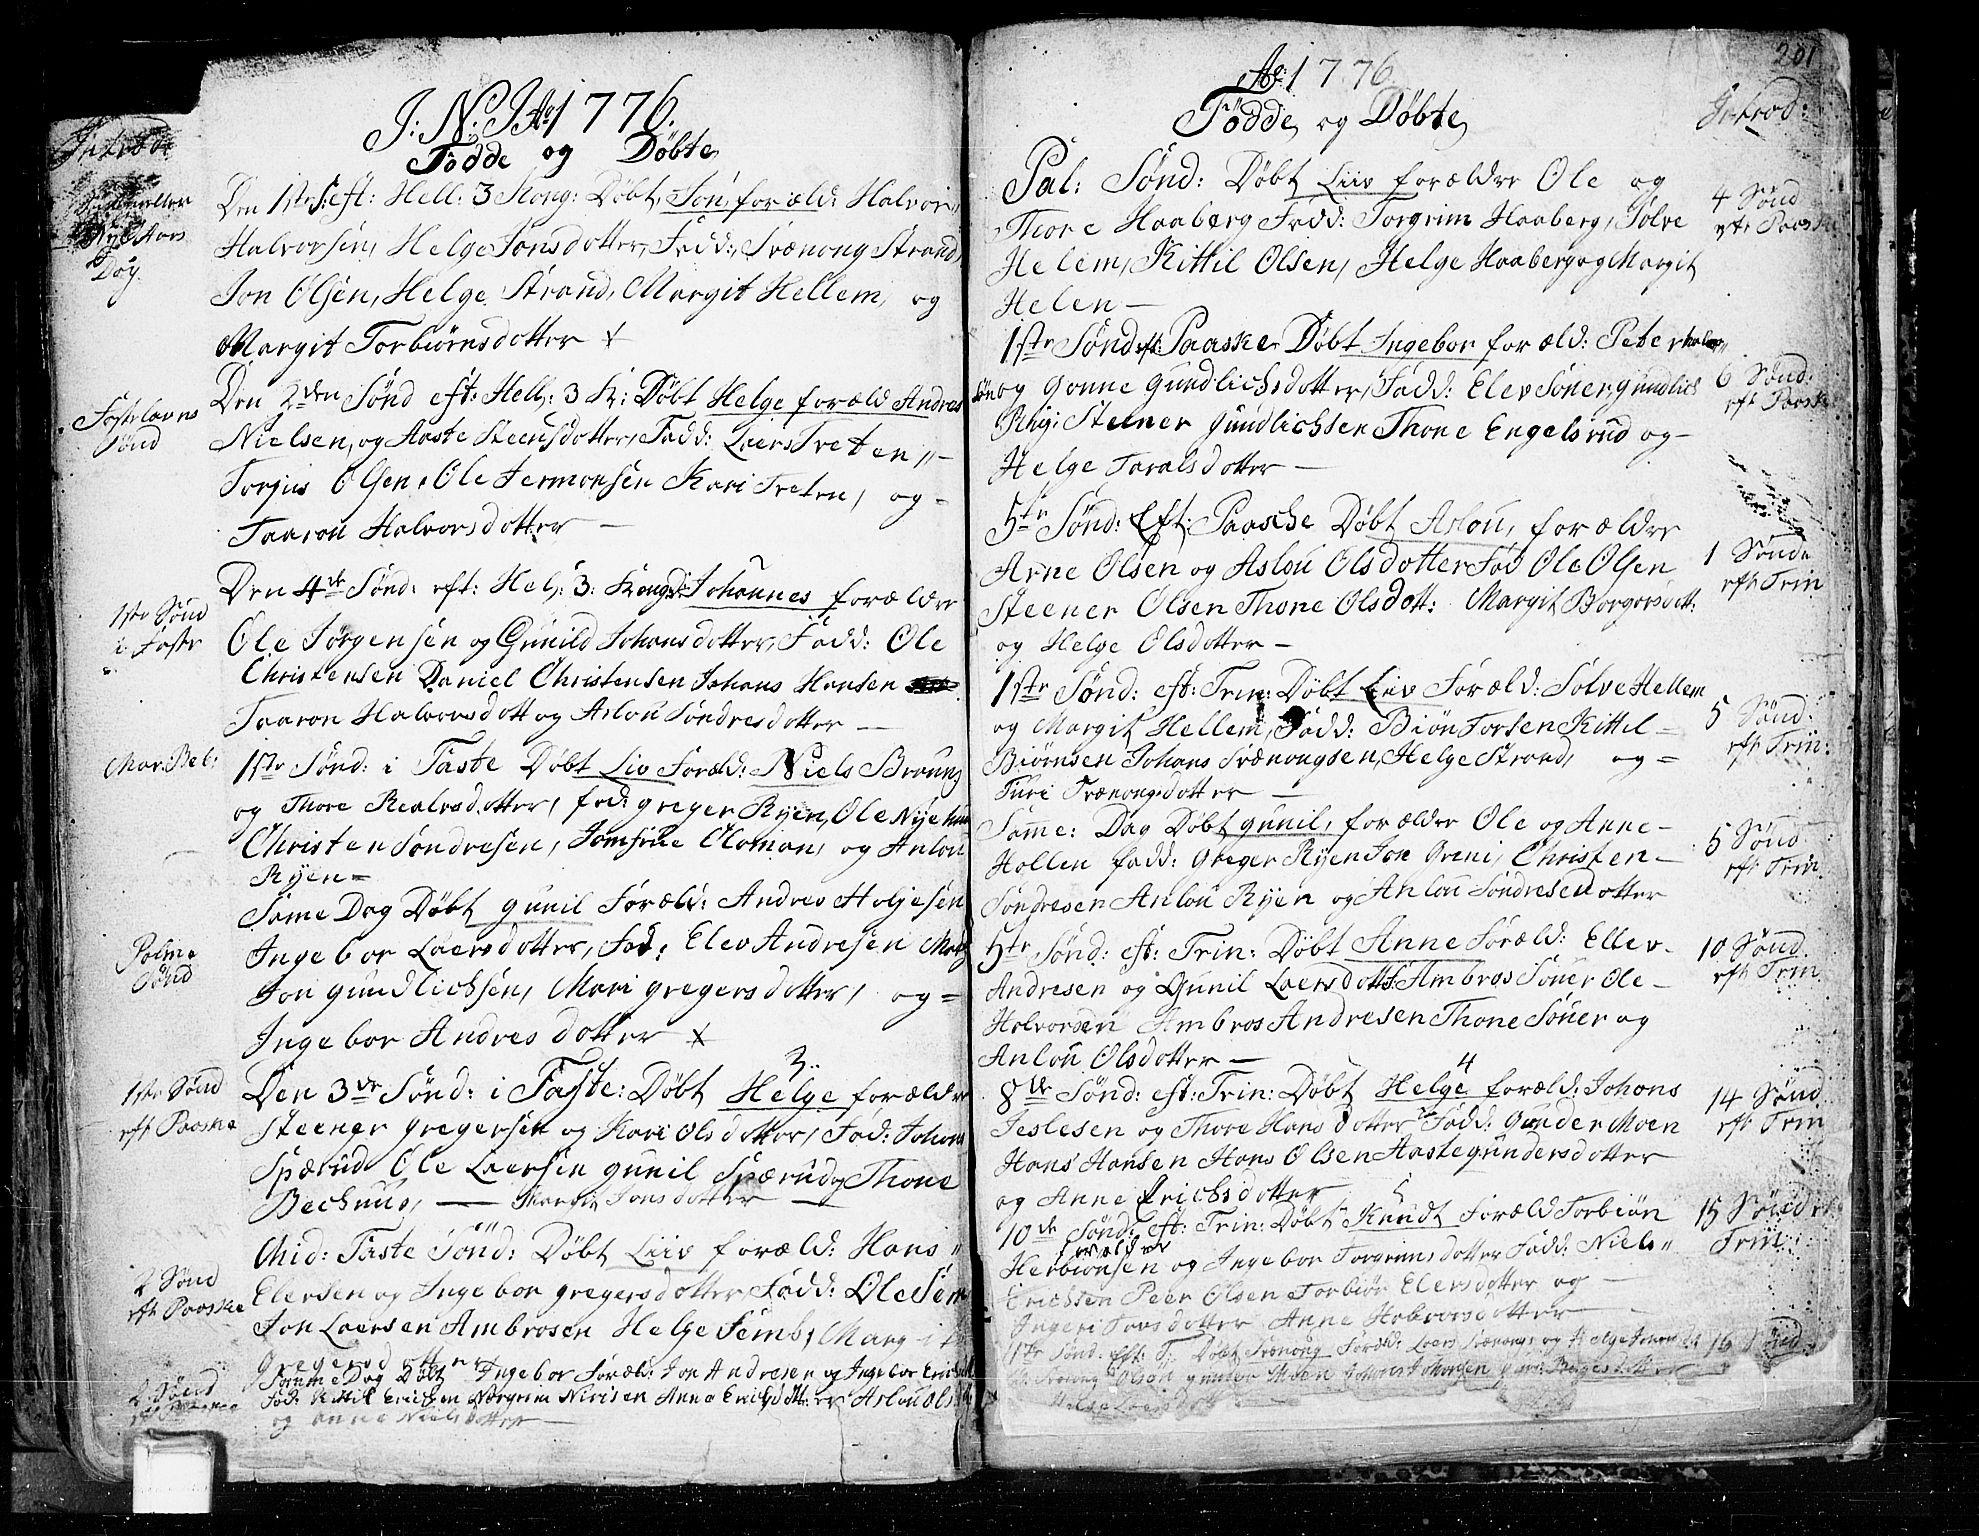 SAKO, Heddal kirkebøker, F/Fa/L0003: Ministerialbok nr. I 3, 1723-1783, s. 201